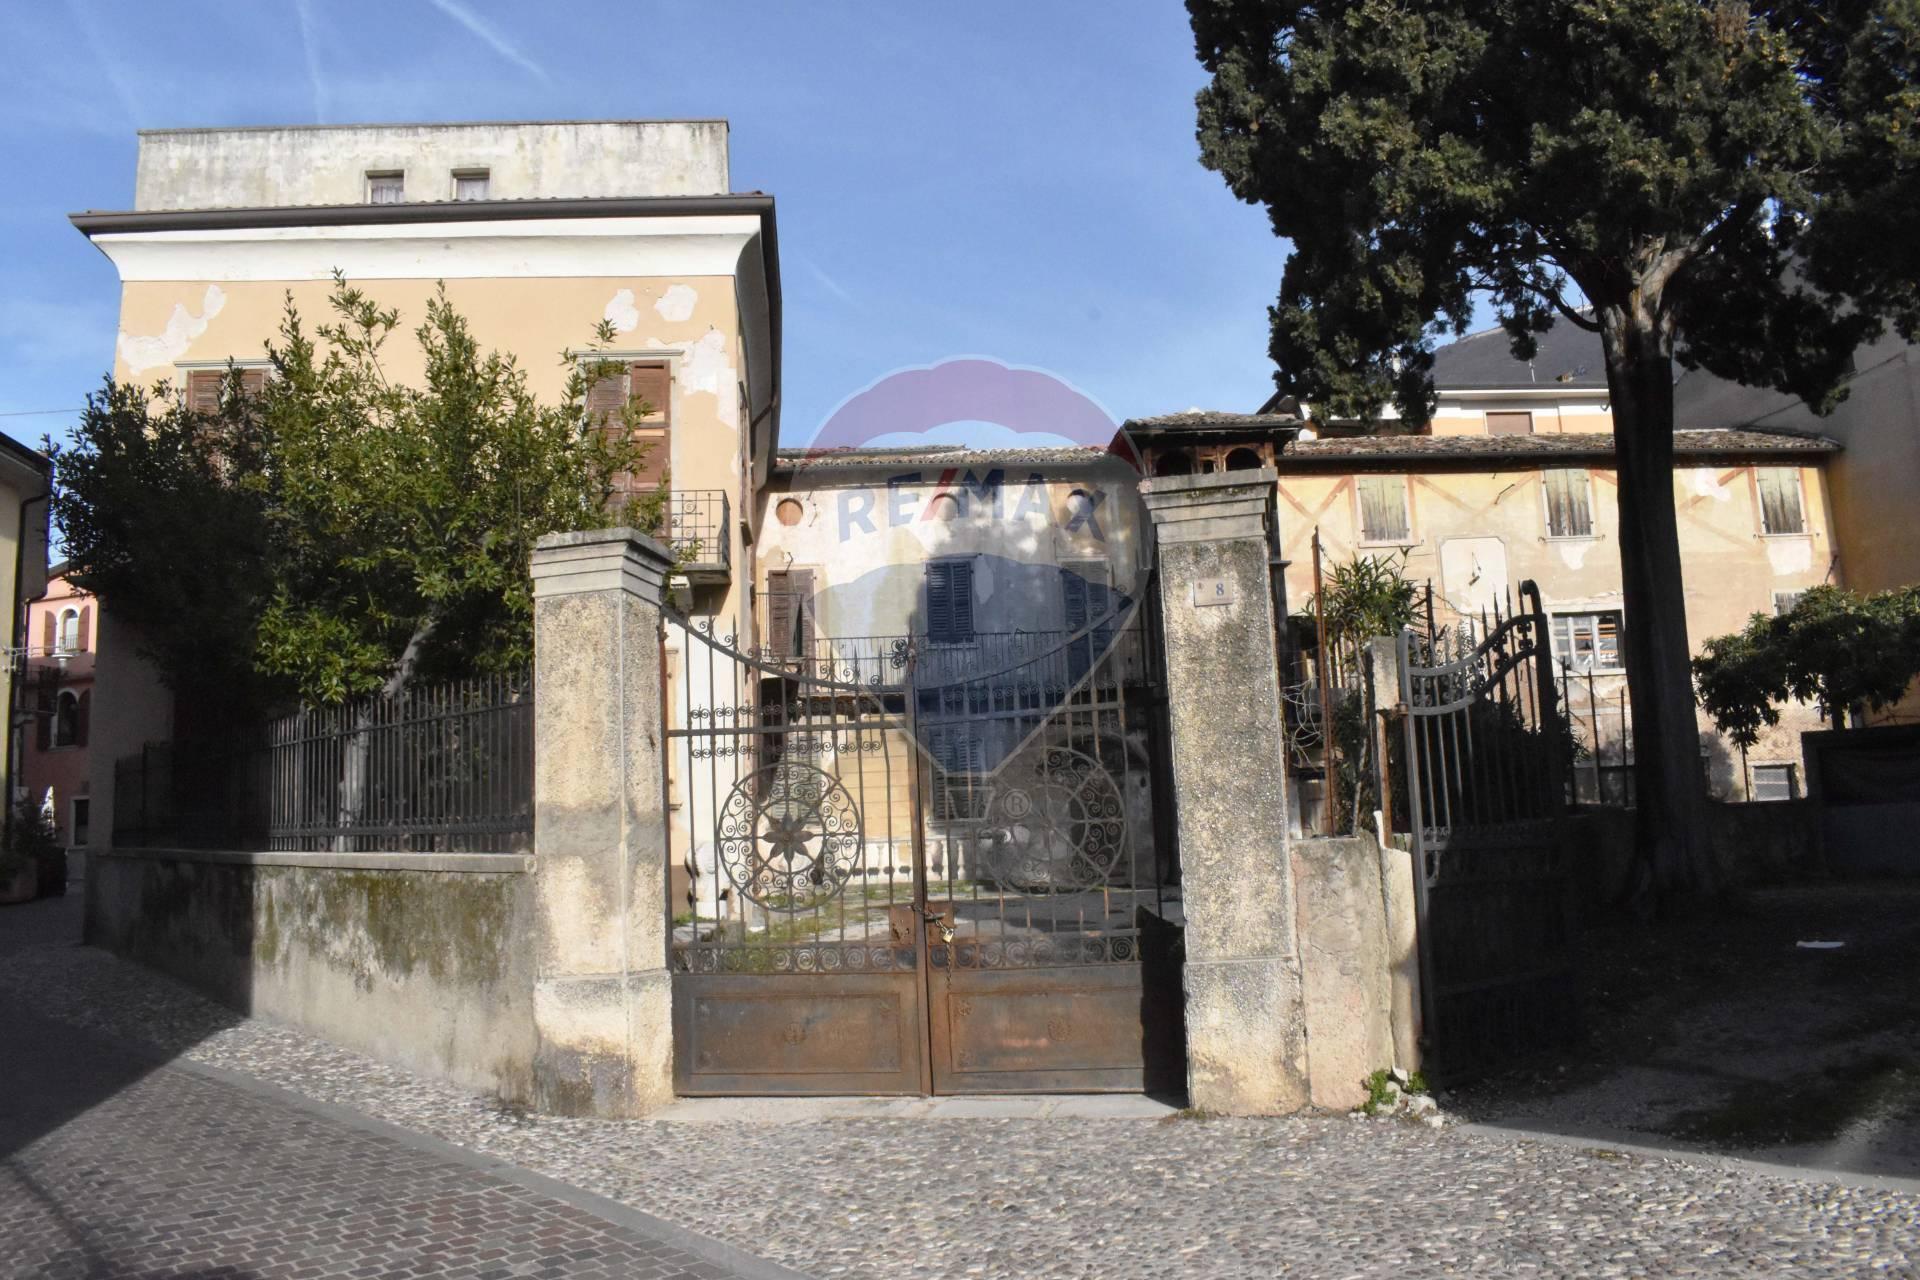 Rustico / Casale in vendita a Malcesine, 24 locali, Trattative riservate | CambioCasa.it